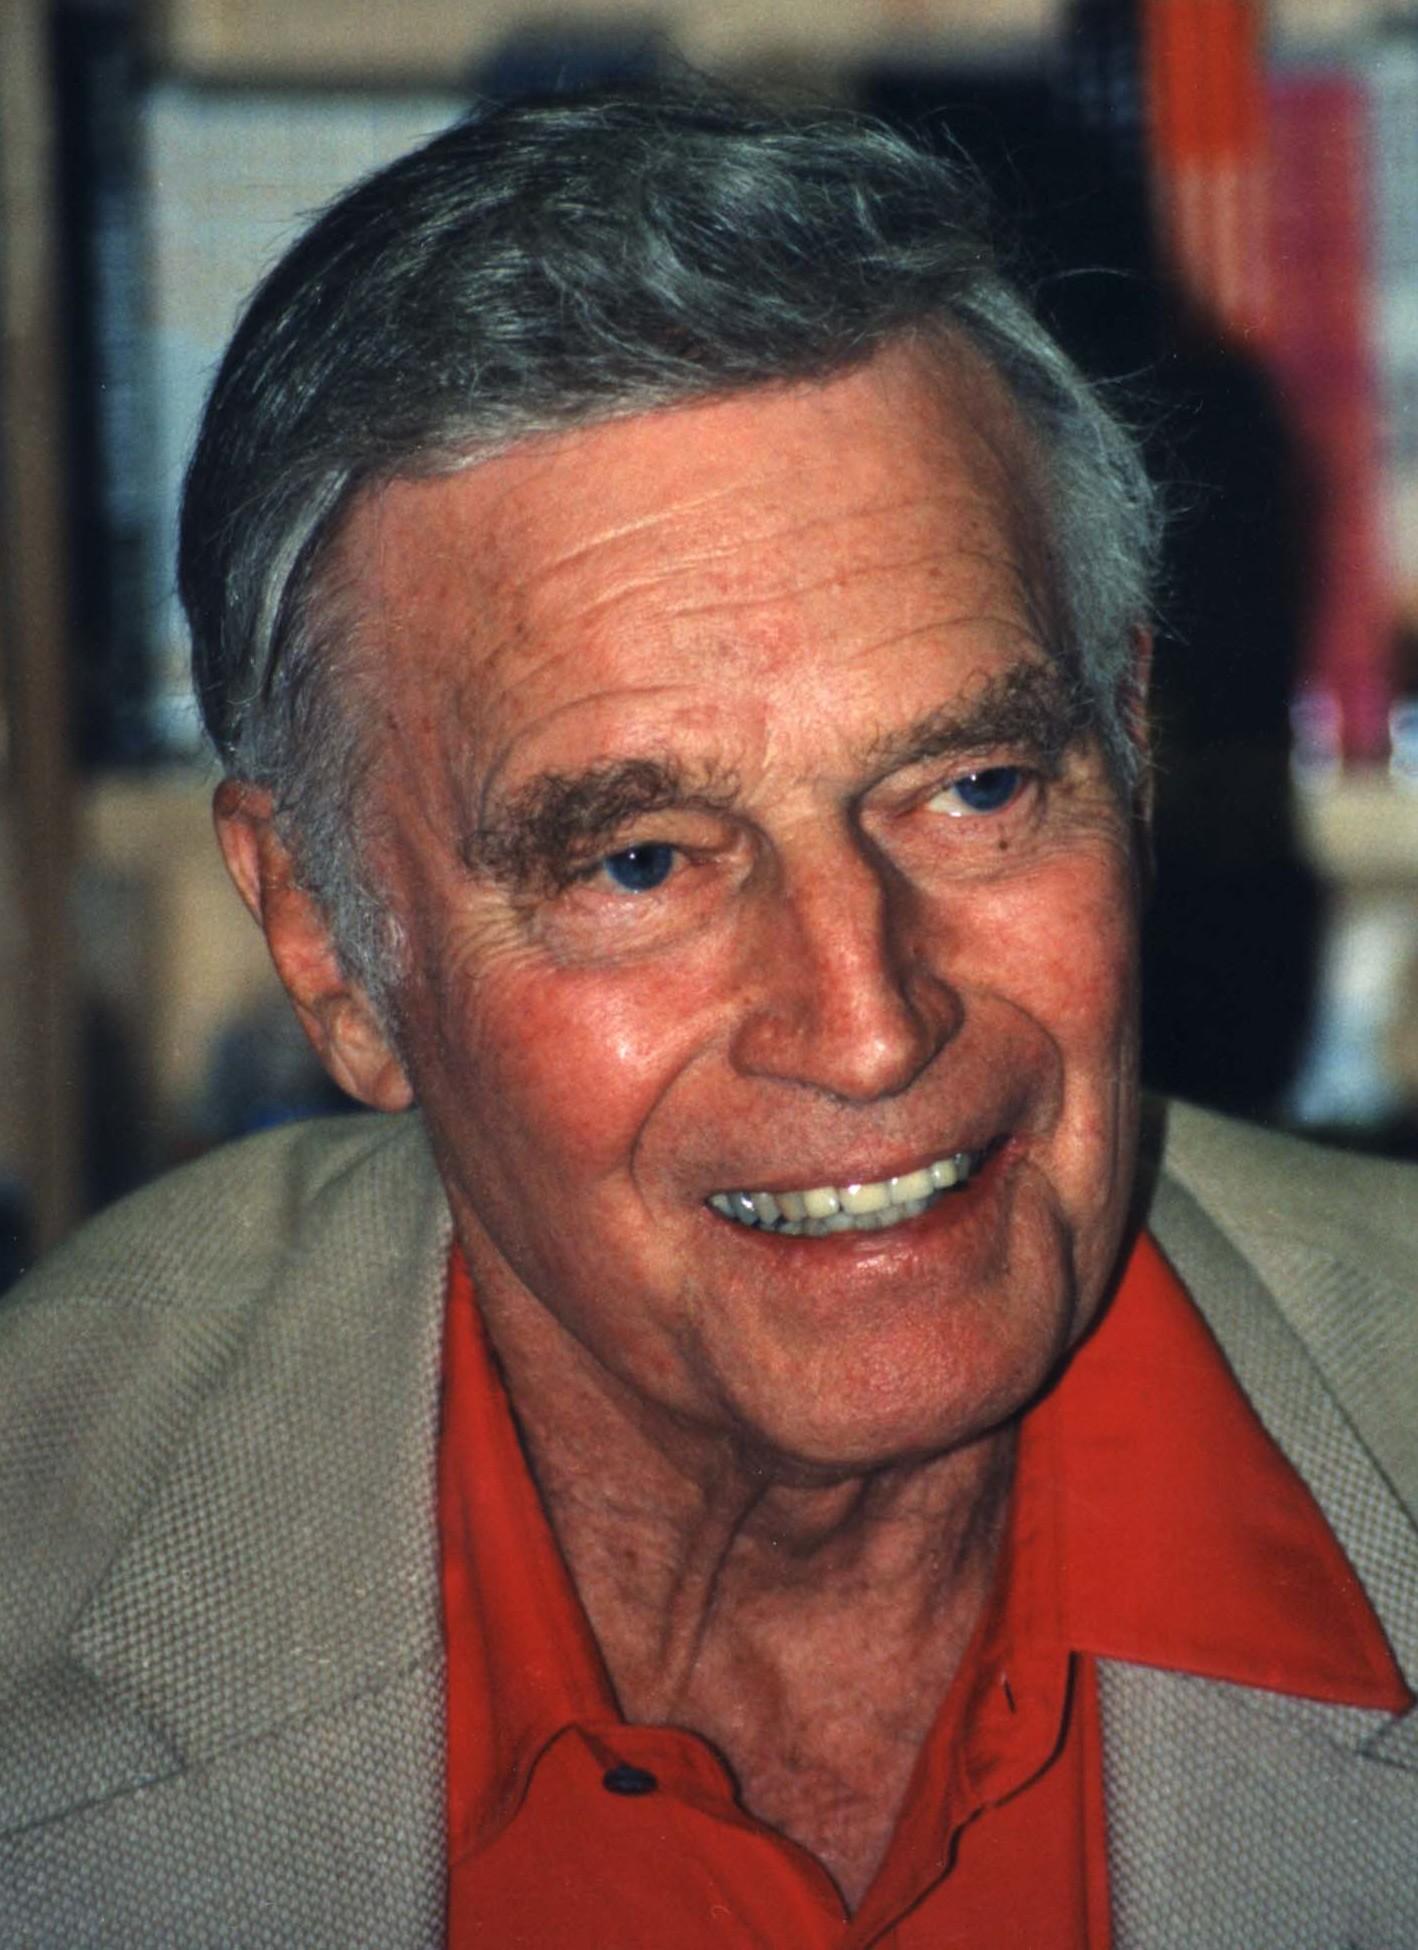 Heston in 1997